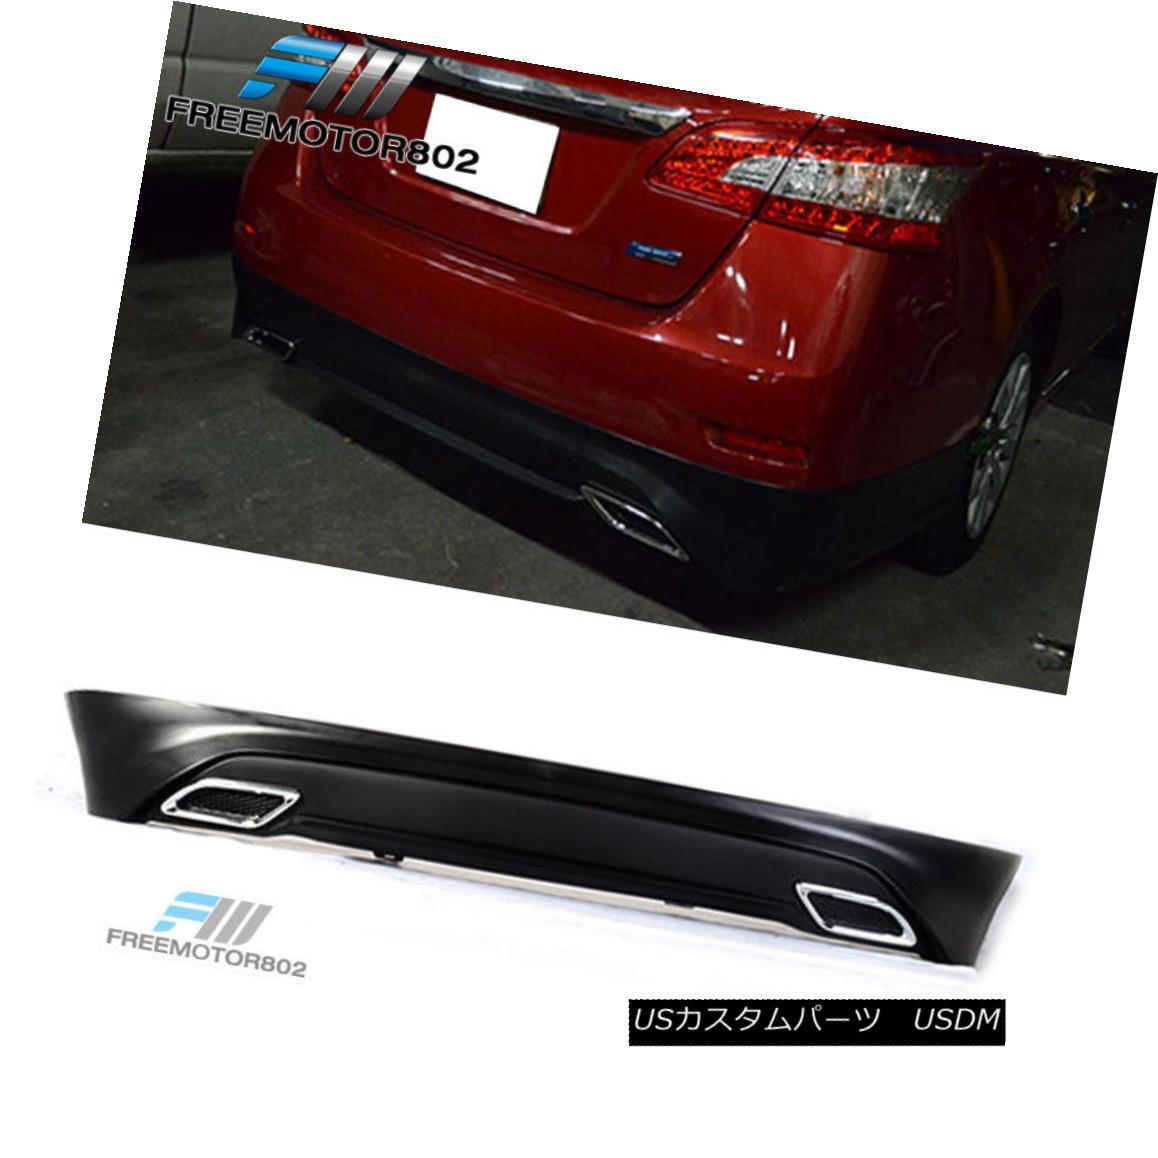 エアロパーツ Fits13 14 15 16 17 Nissan Sentra OE Style Rear Bumper Lip Urethane フィット13 14 15 16 17日産セントラOEスタイルリアバンパーリップウレタン